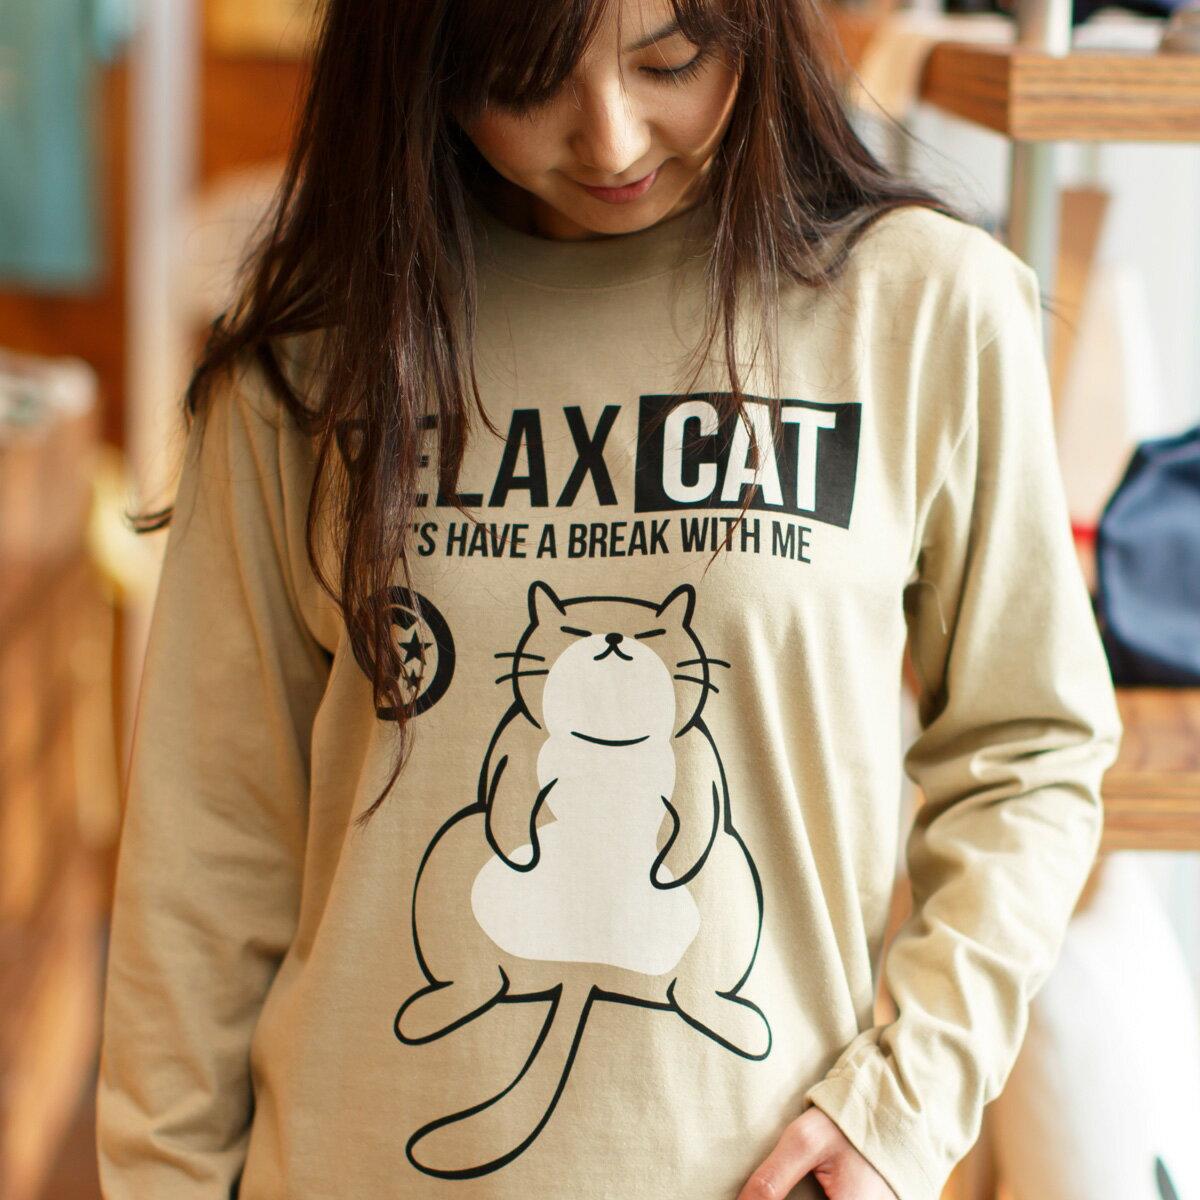 猫 ねこ ロンT RELAX CAT ( サンドカーキ )   ネコ 猫柄 猫雑貨   メンズ レディース 長袖 Tシャツ トップス   かわいい おしゃれ 大人 ペアルック お揃い プレゼント   大きいサイズ   SCOPY / スコーピー